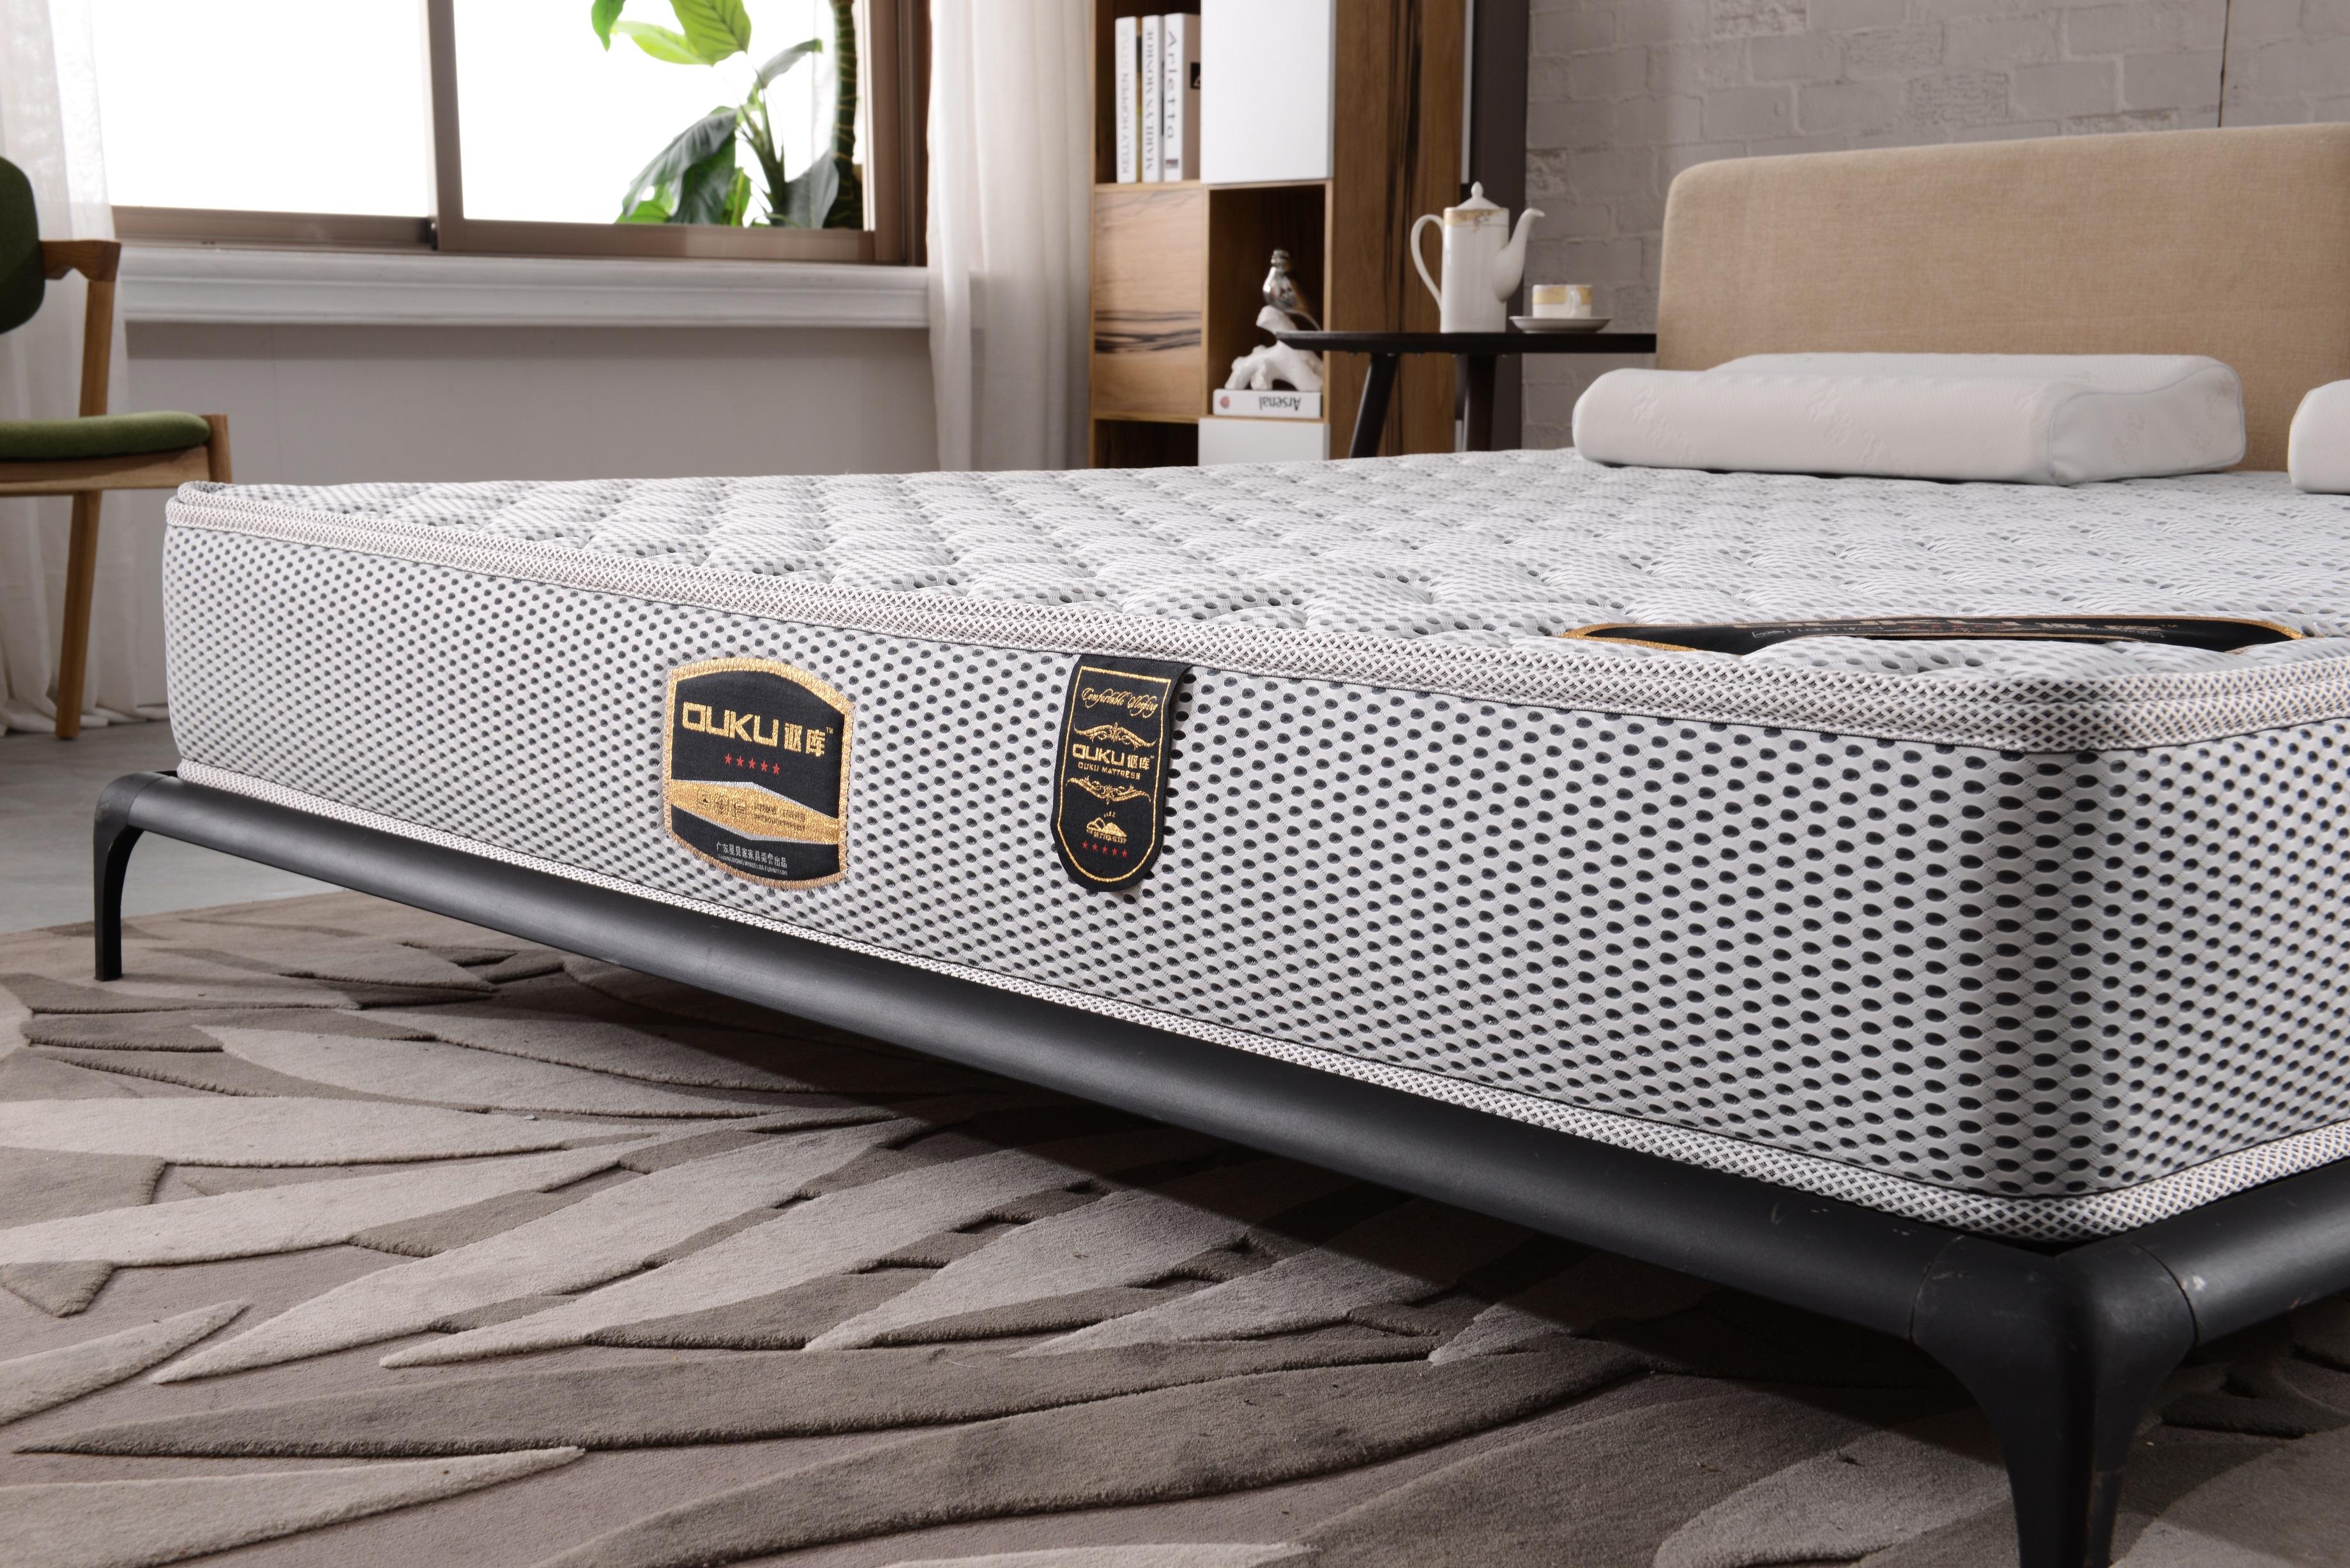 天然环保床垫 3E环保棕床垫批发 椰棕床垫厂家直销 床垫家具加工厂家